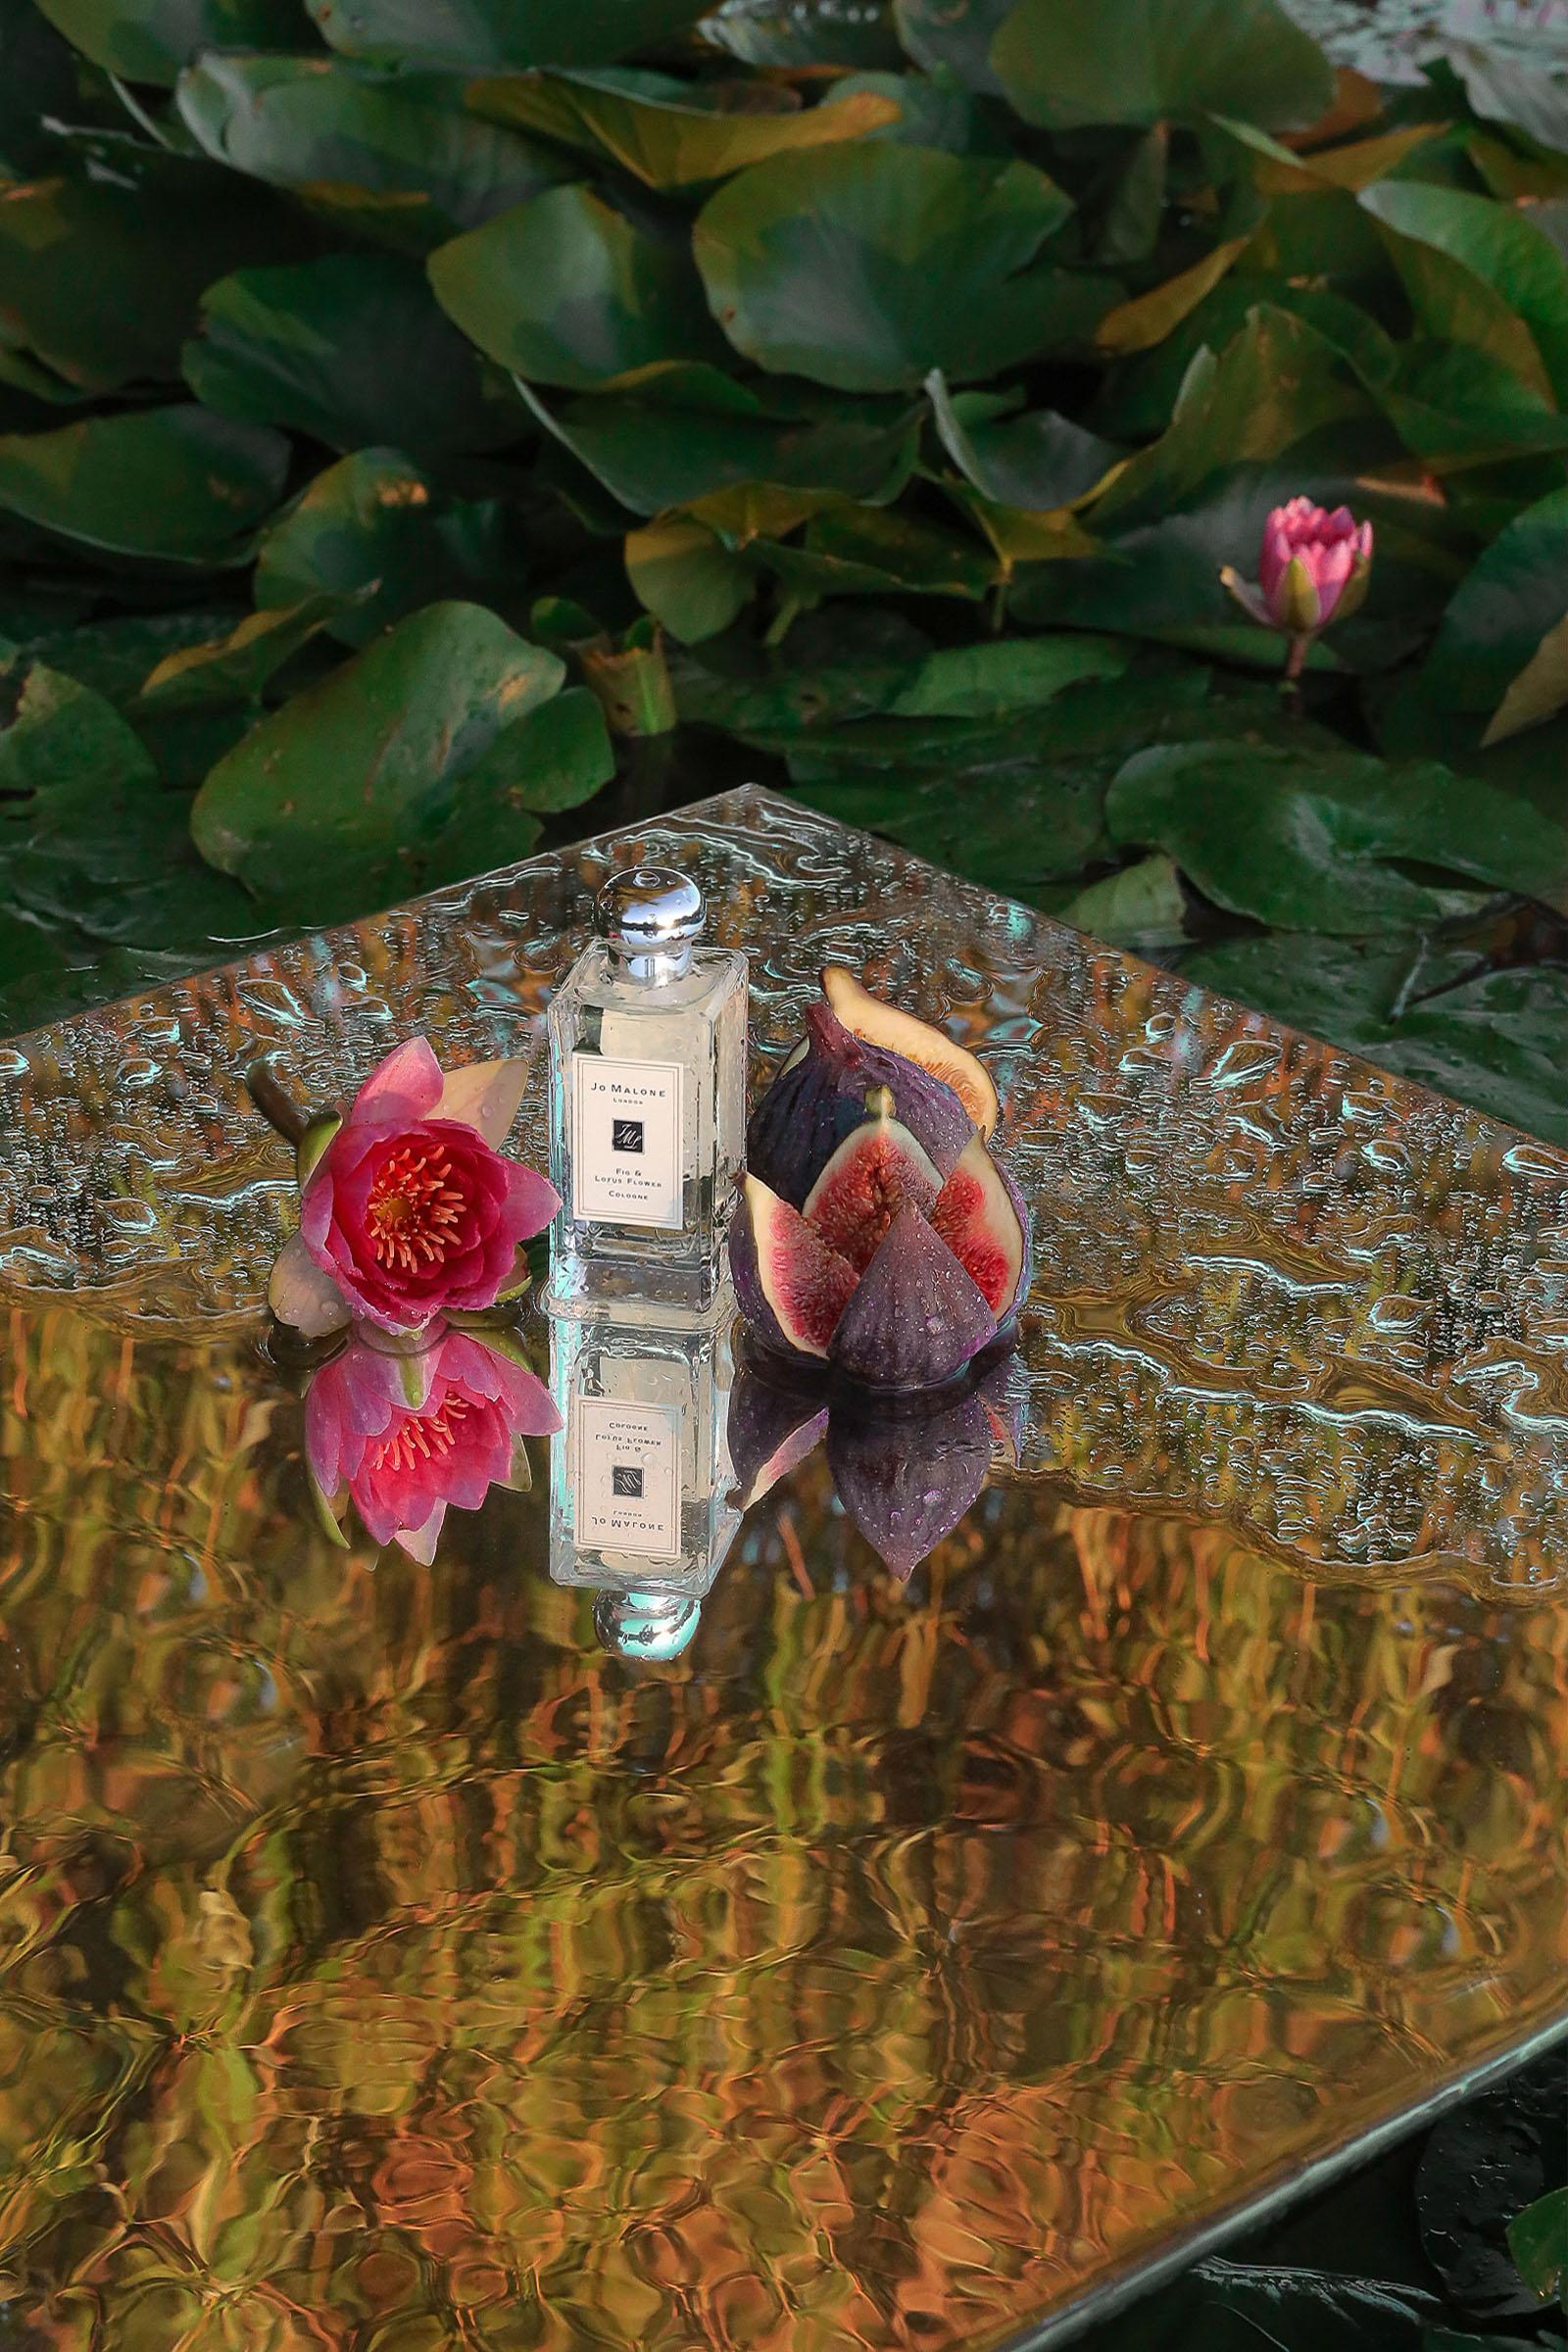 JO MALONE FIG & LOTUS FLOWER